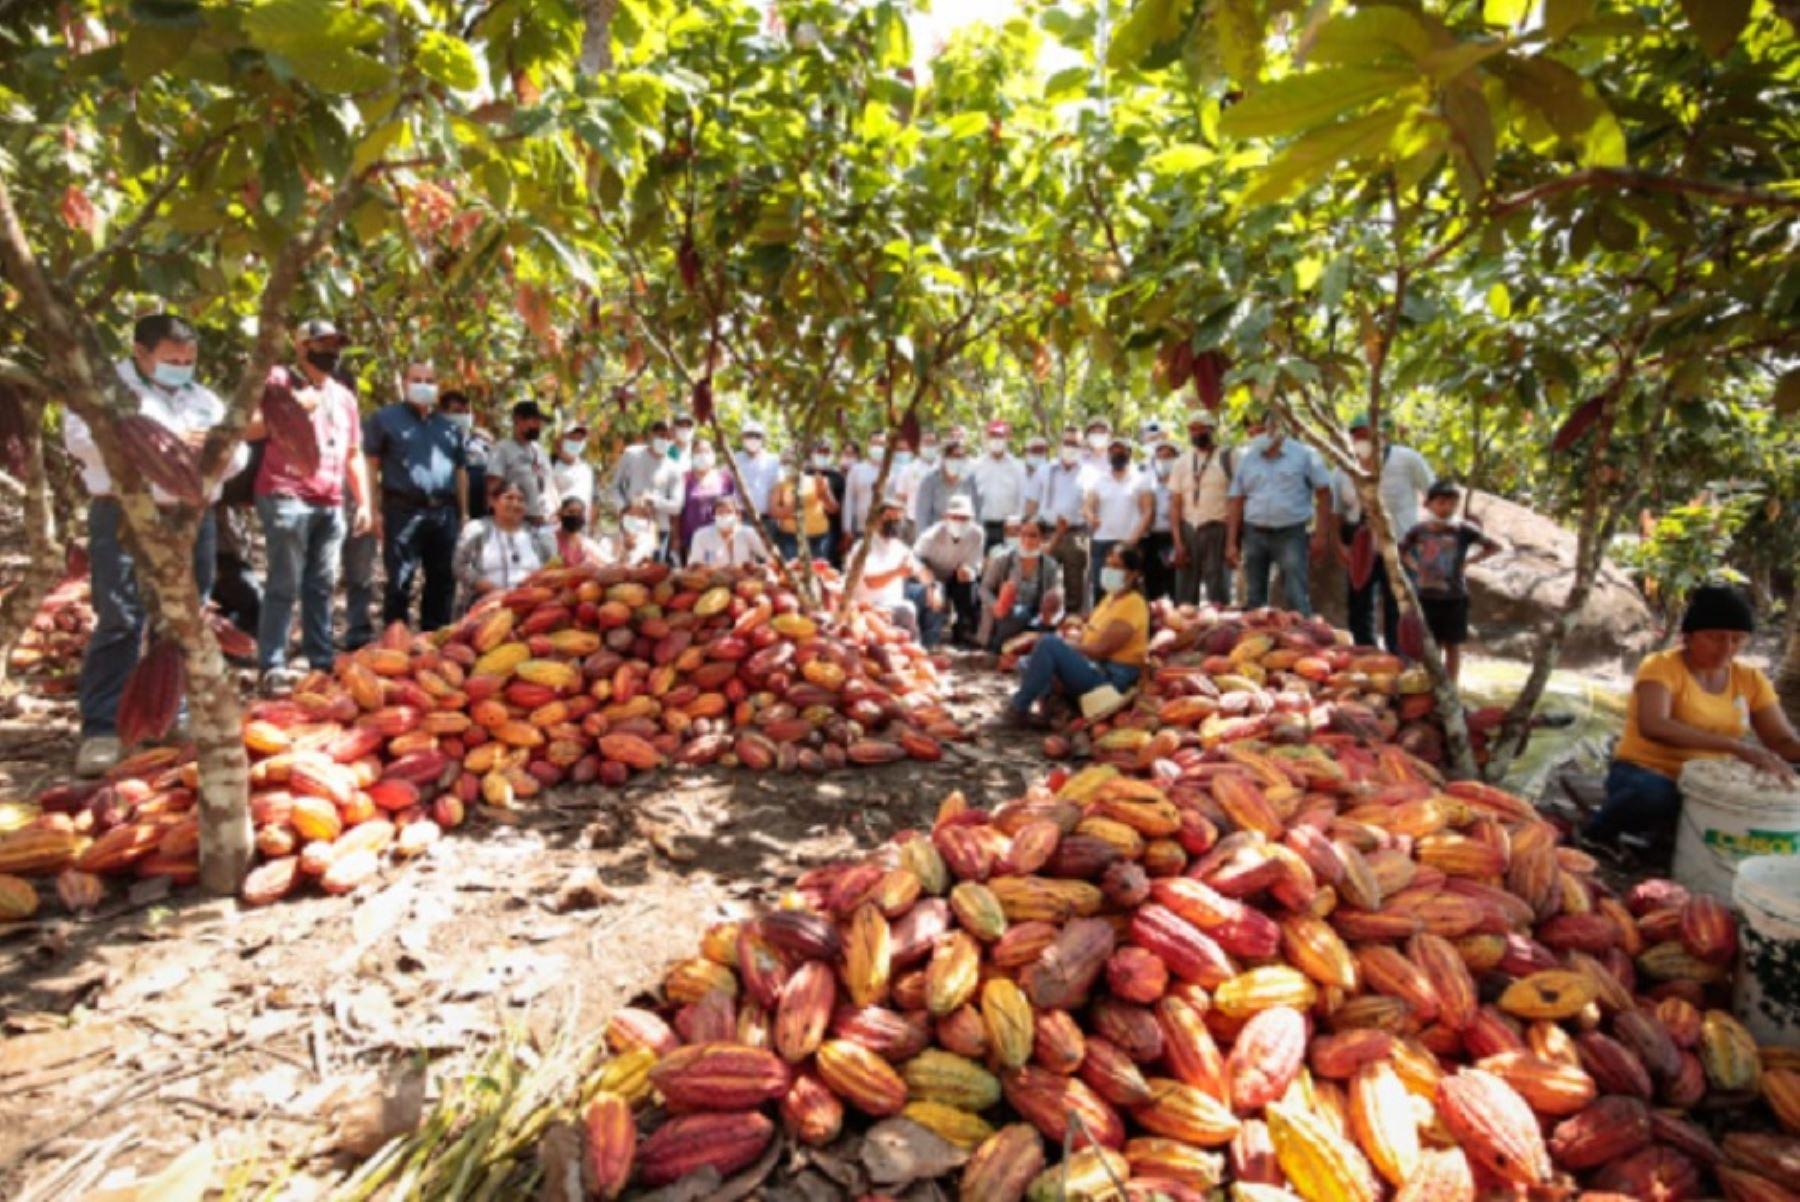 La Gerencia de Desarrollo Económico del Goresam organizó la actividad que comprendió visitas a las provincias de San Martín, Moyobamba y Huallaga, donde intercambiaron experiencias en la producción y comercialización del cacao y adquirieron conocimientos sobre el uso de tecnologías y experiencias en el manejo de ese cultivo.